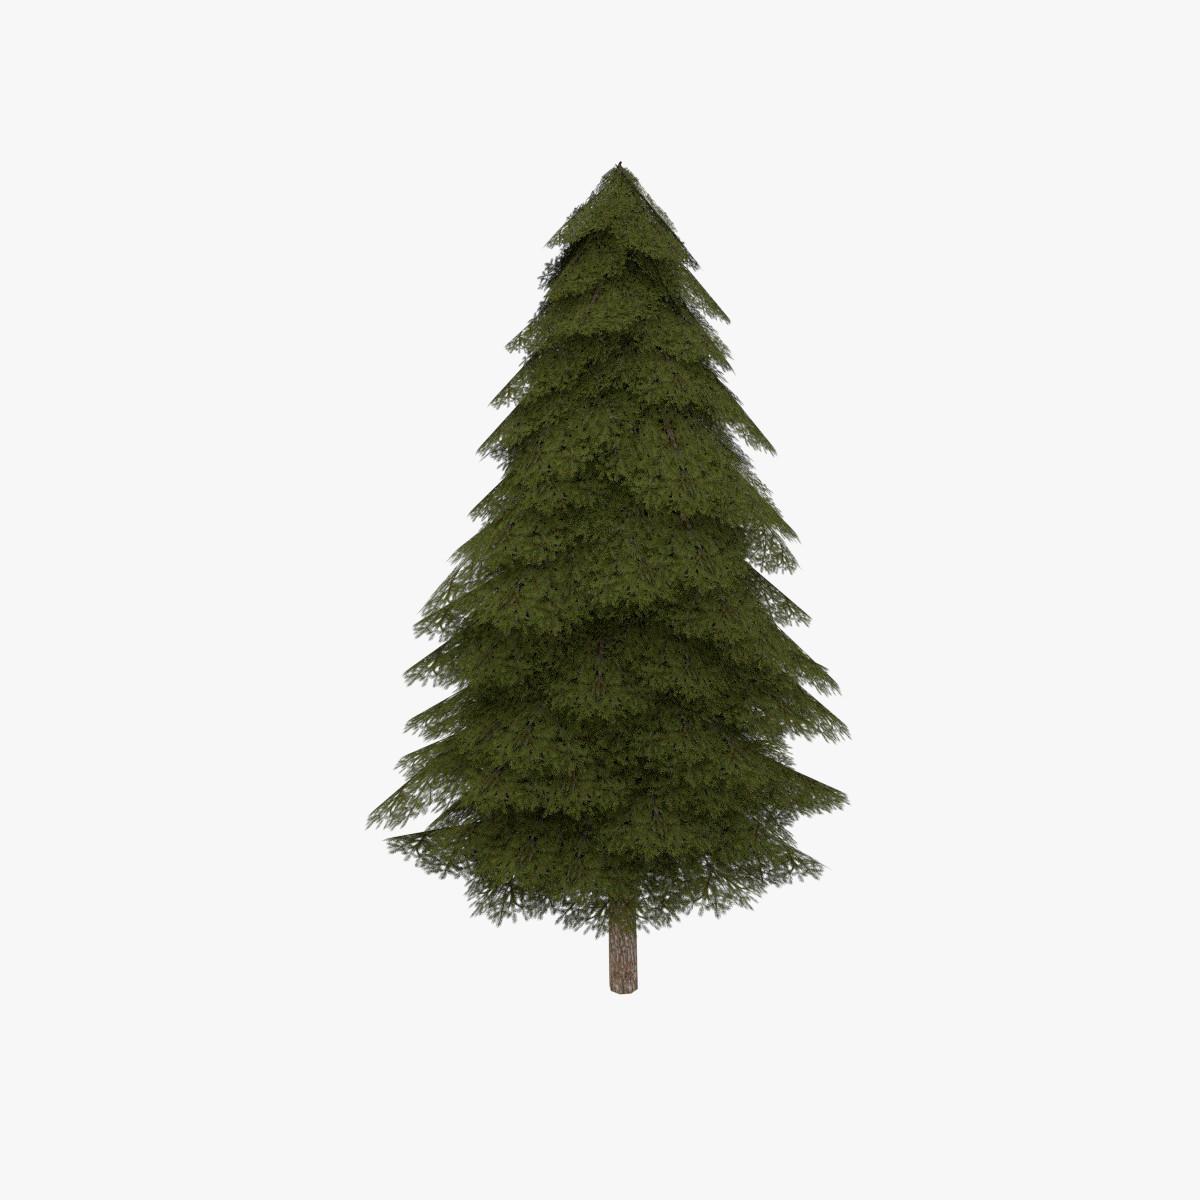 fir evergreen tree